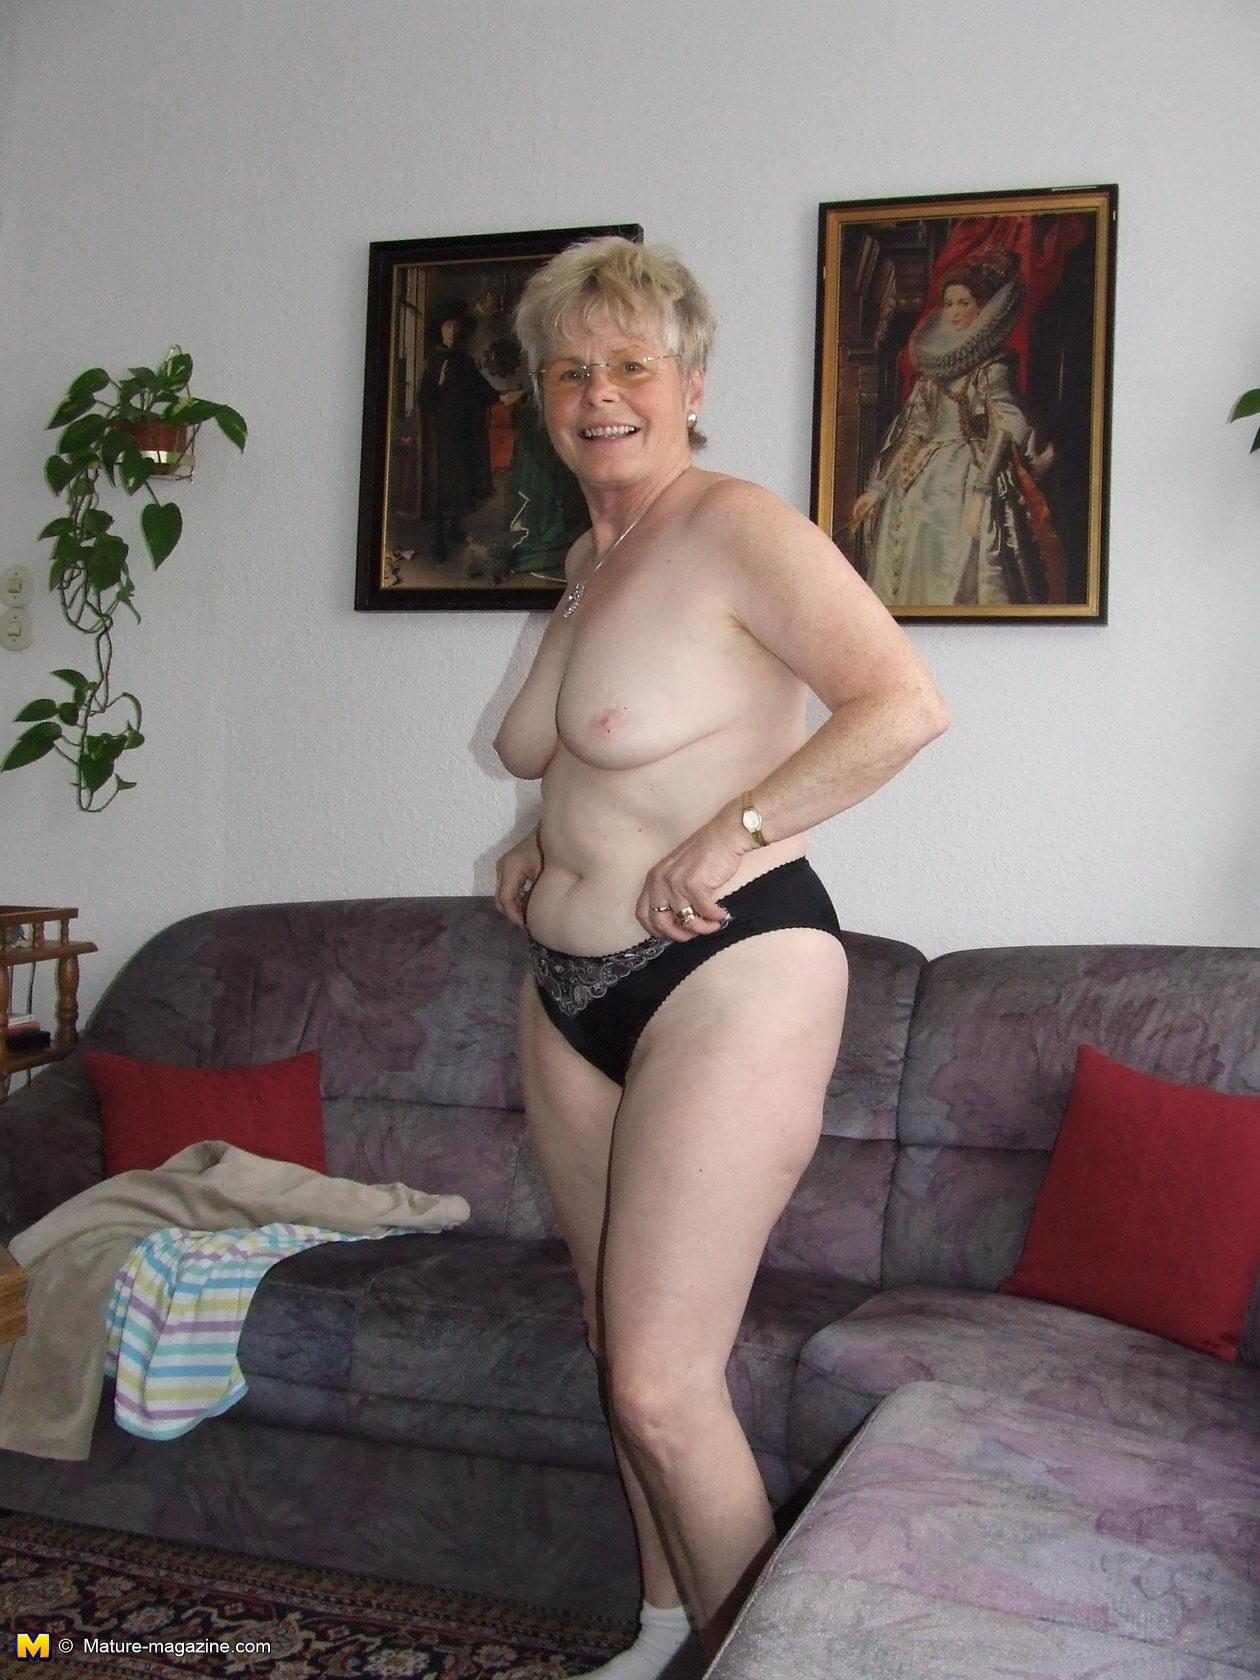 Big tits photos